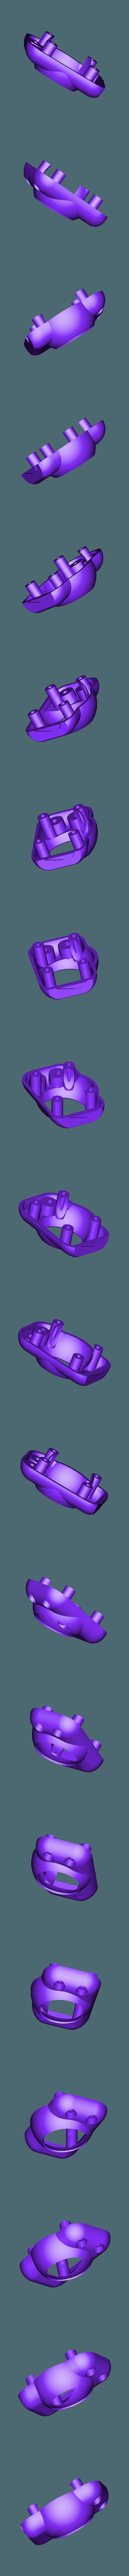 Cap_V3.stl Télécharger fichier STL gratuit BTRemote 4/5 axes, télécommande à une main avec gyroscope, Bluetooth, écran • Plan à imprimer en 3D, kasinatorhh